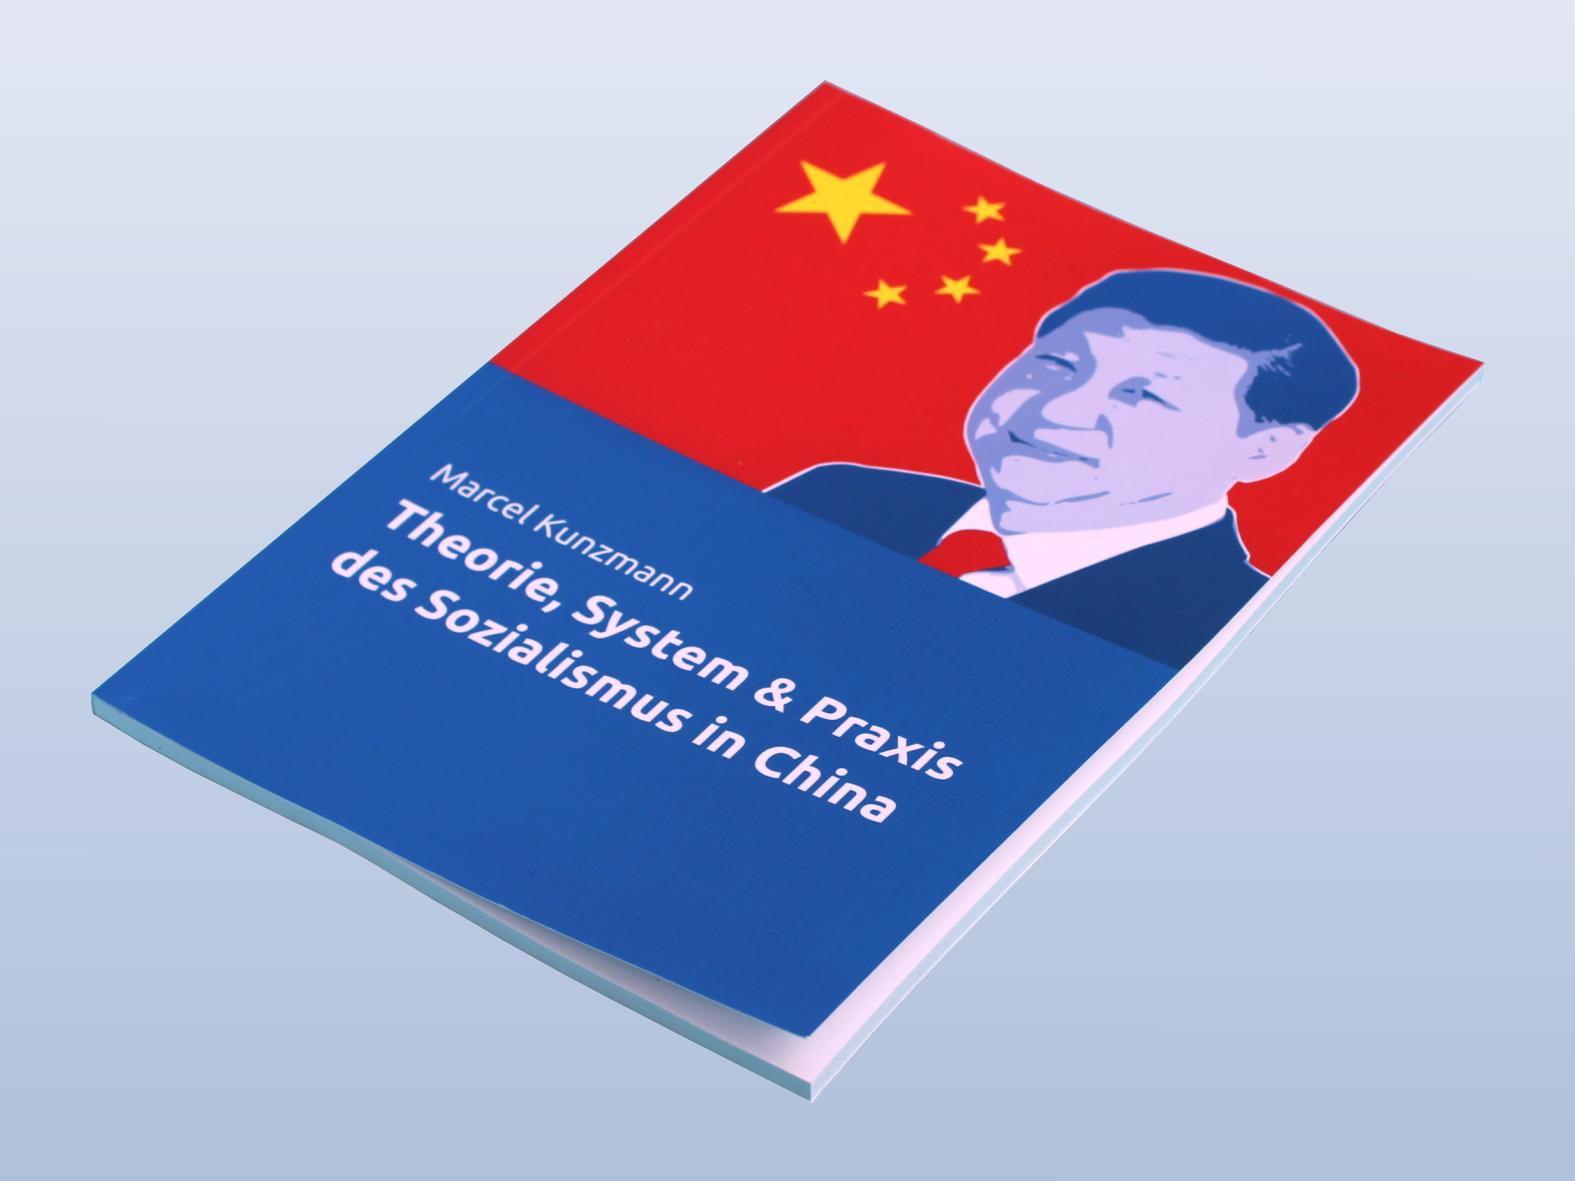 Bildergebnis für marcel kunzmann theorie, system & praxis des sozialismus in china